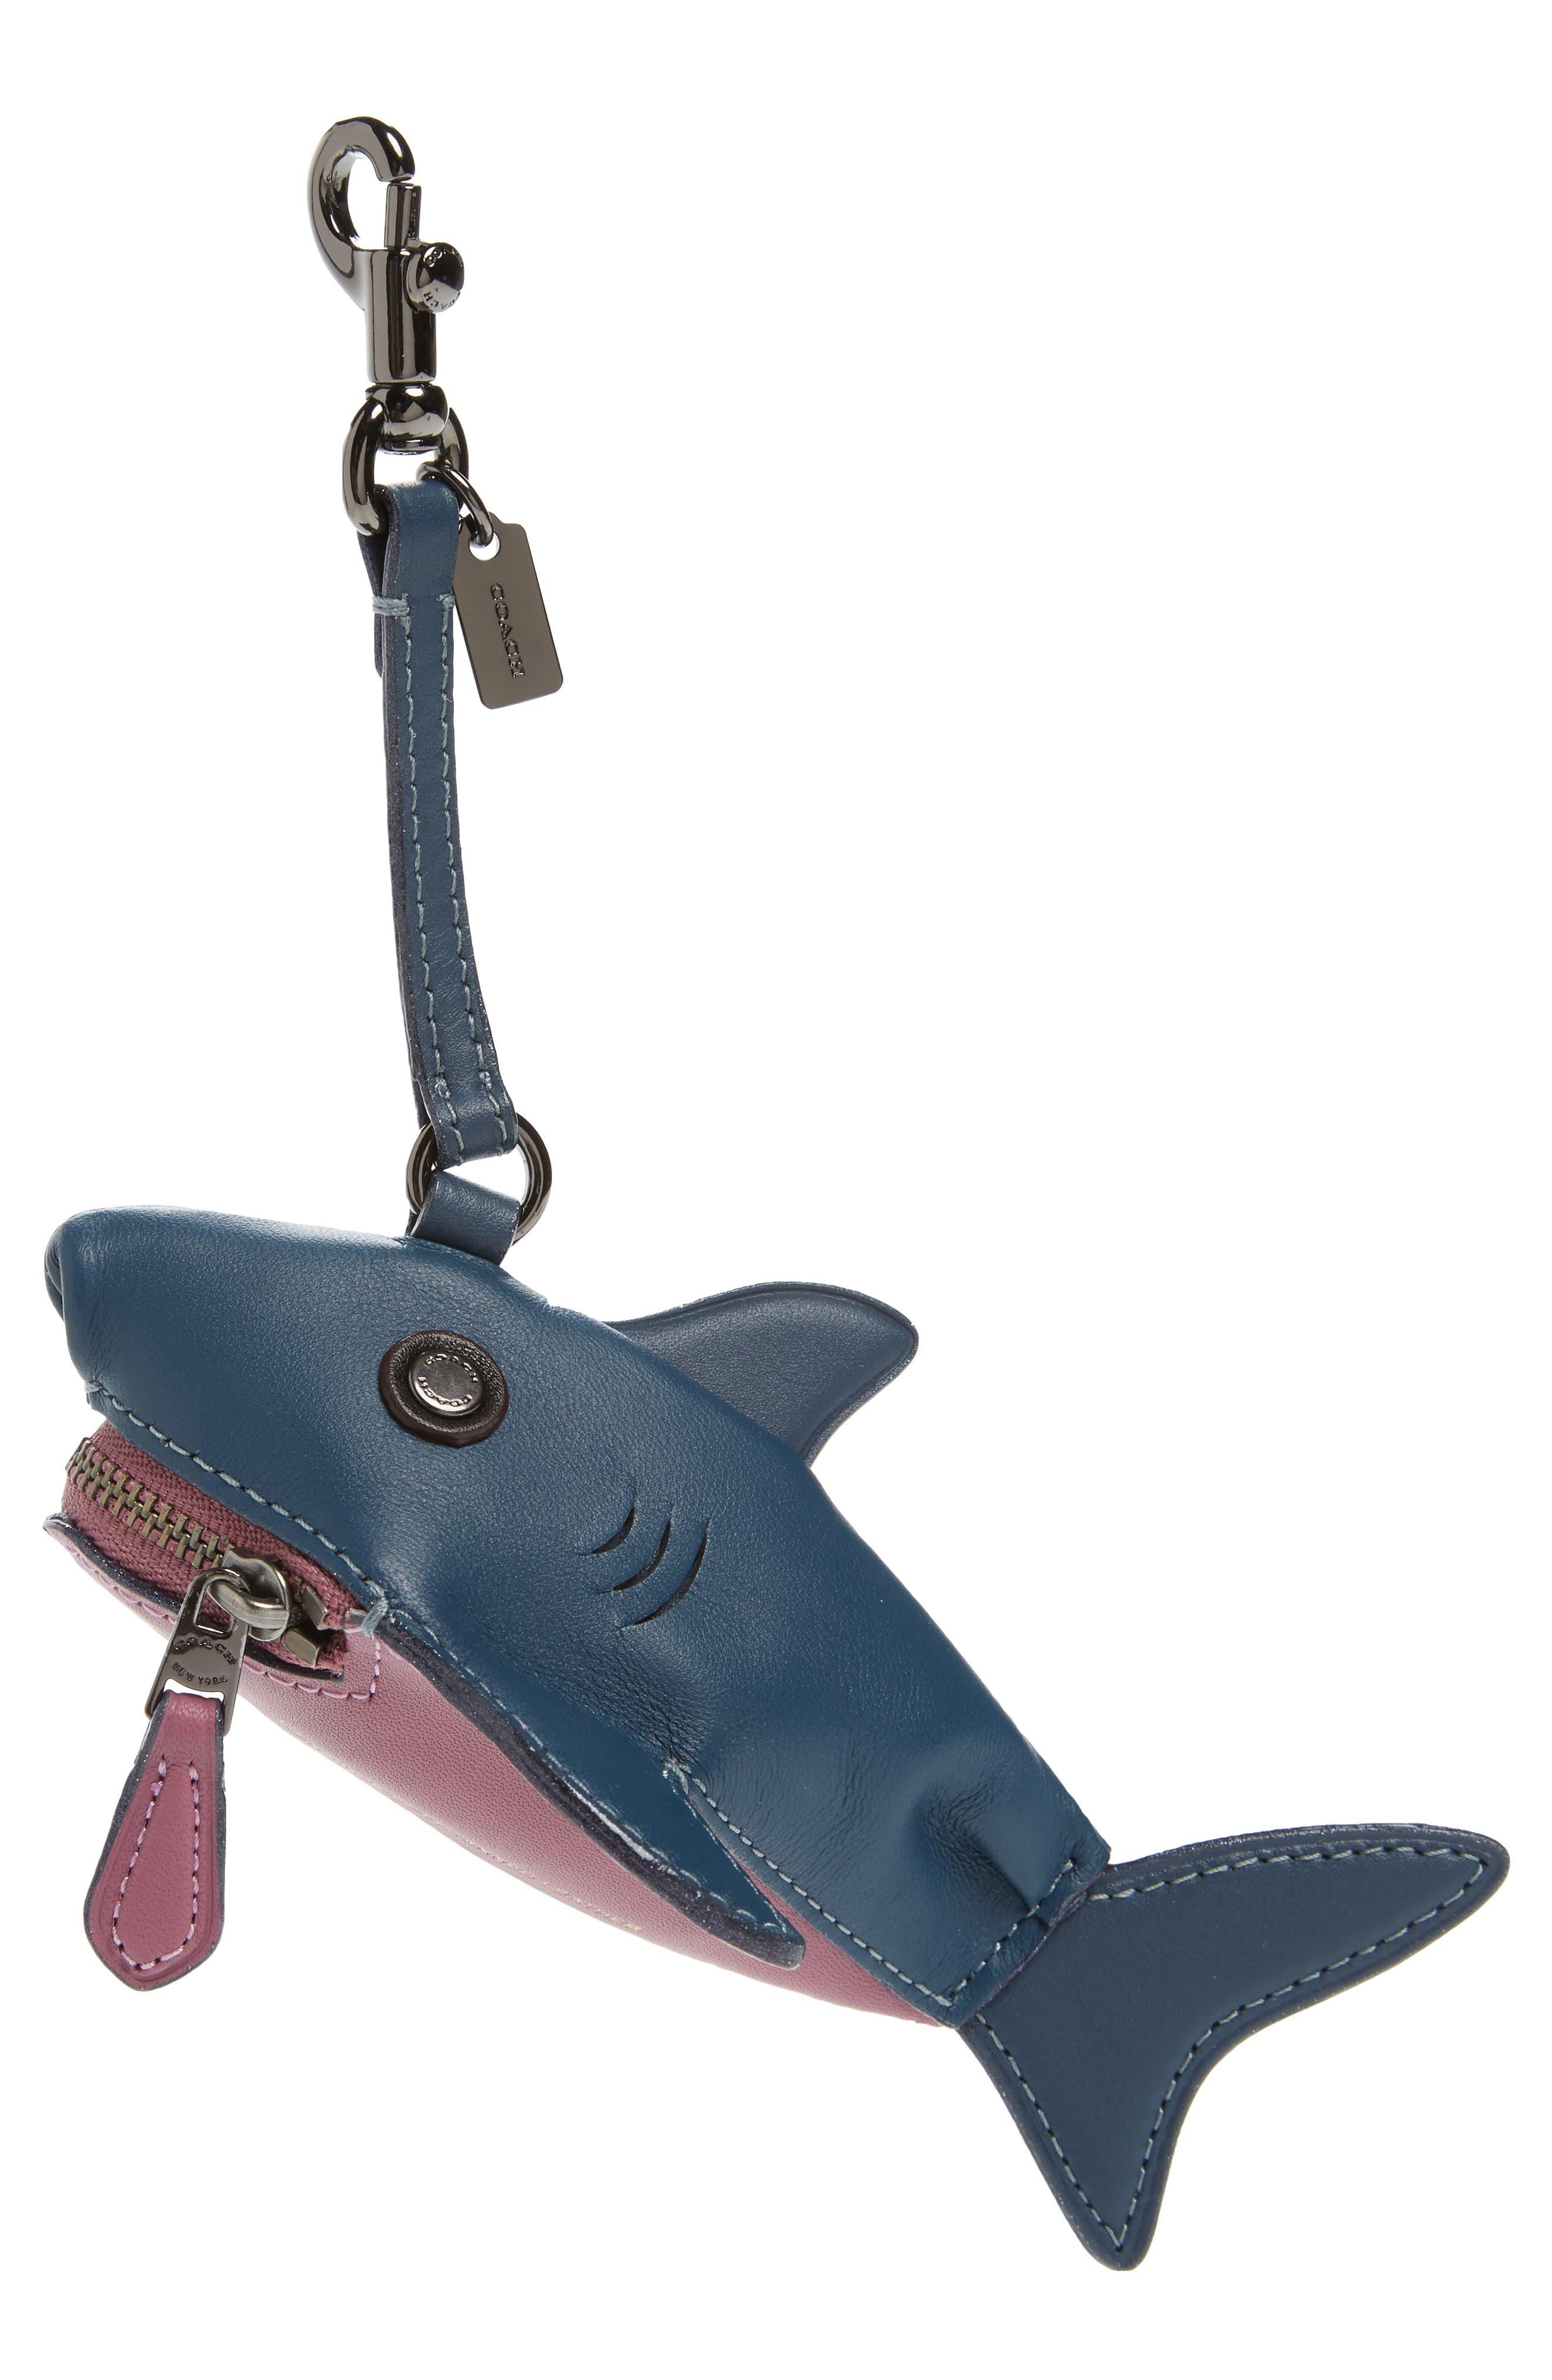 COACH 1941 Sharky Leather Coin Case/Bag Charm